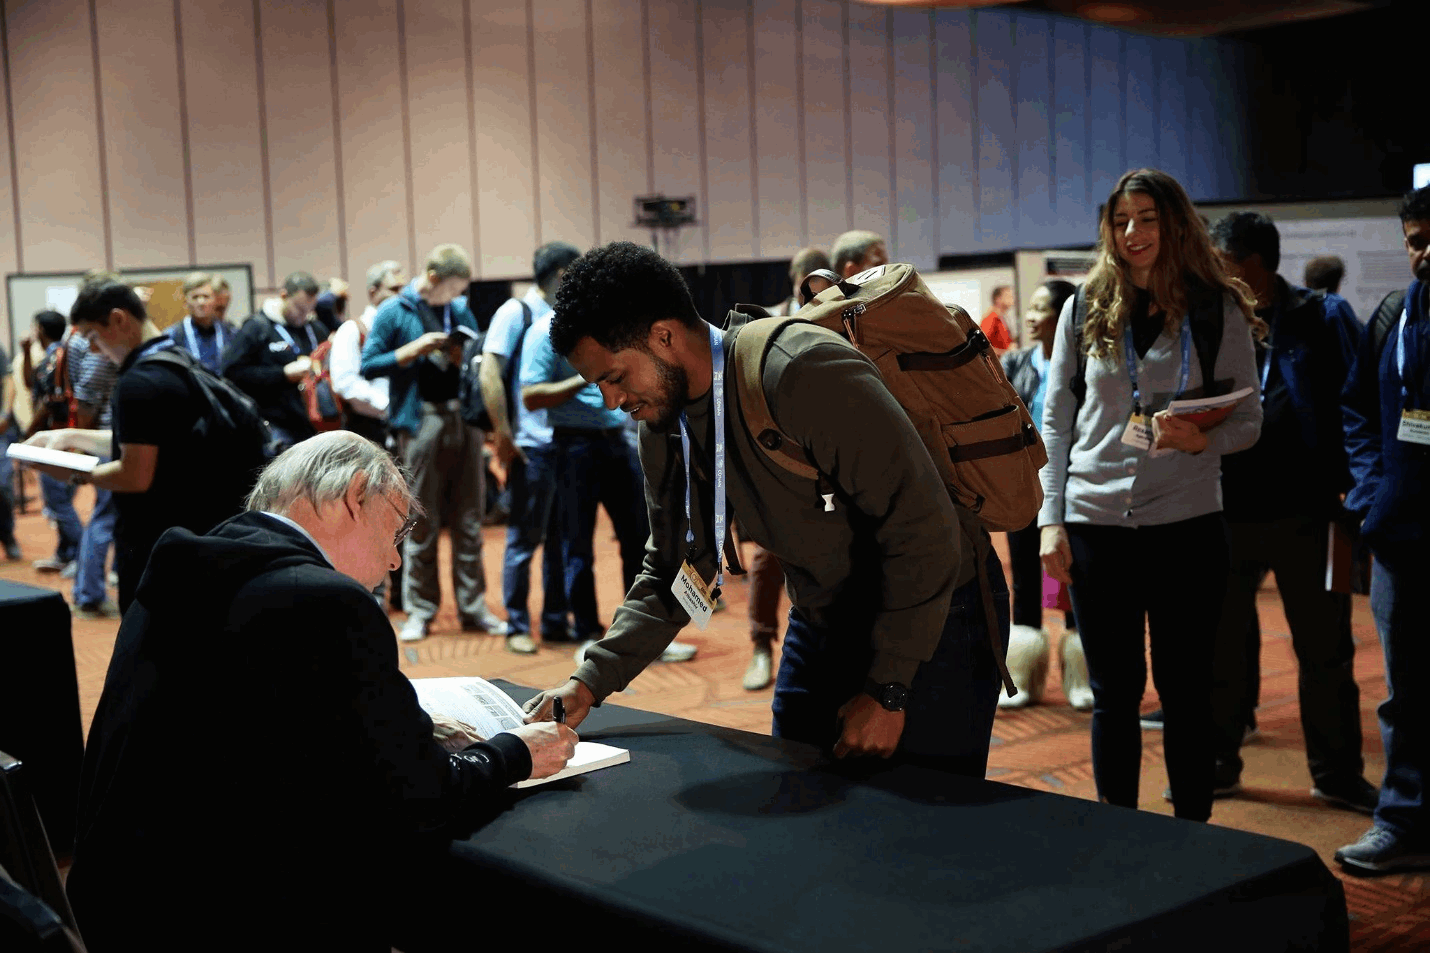 https://import.viva64.com/docx/blog/0608_Conferences_2018/image32.png